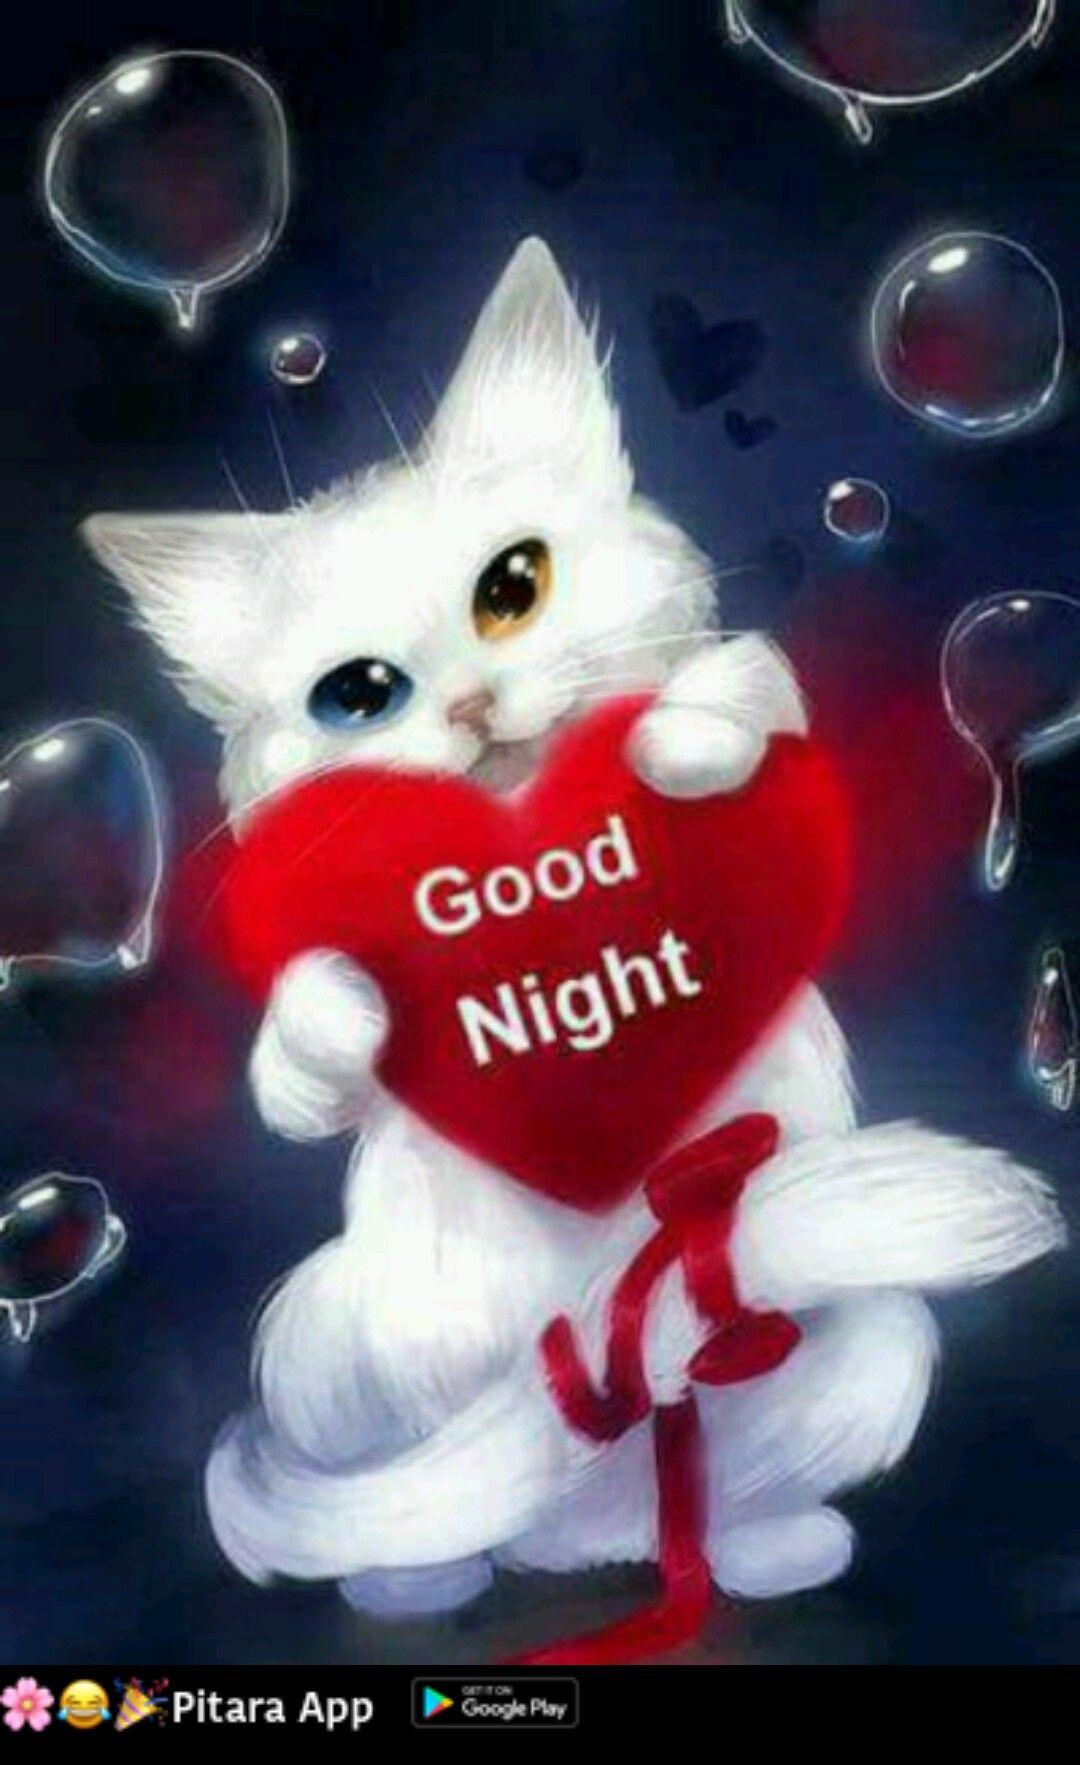 Gute nacht und - Gute nacht und